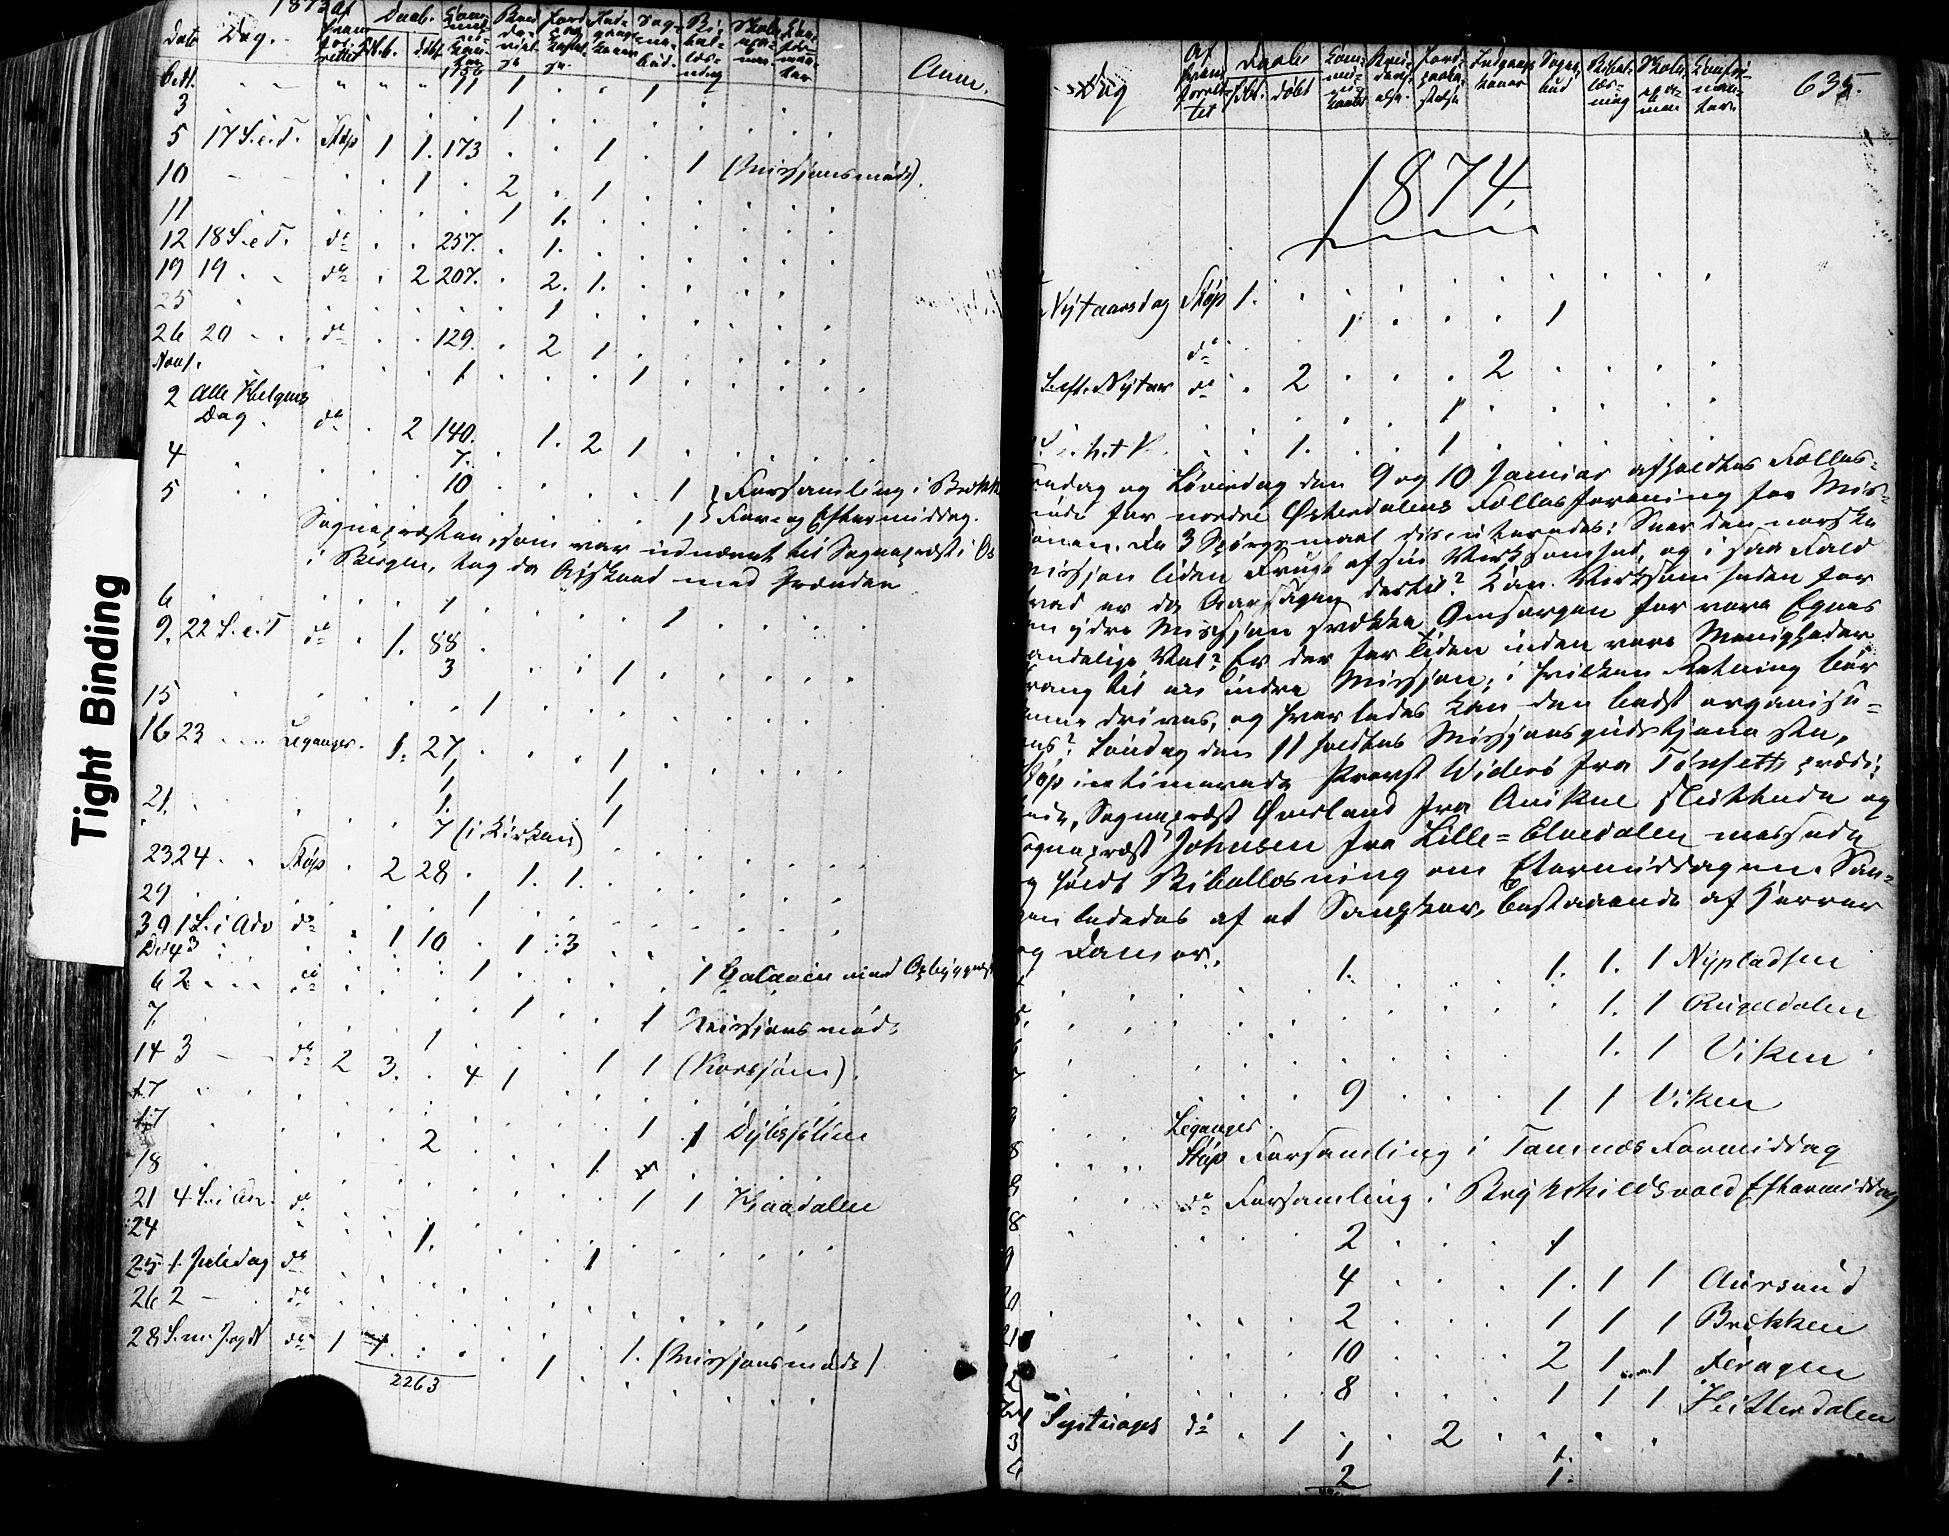 SAT, Ministerialprotokoller, klokkerbøker og fødselsregistre - Sør-Trøndelag, 681/L0932: Ministerialbok nr. 681A10, 1860-1878, s. 635